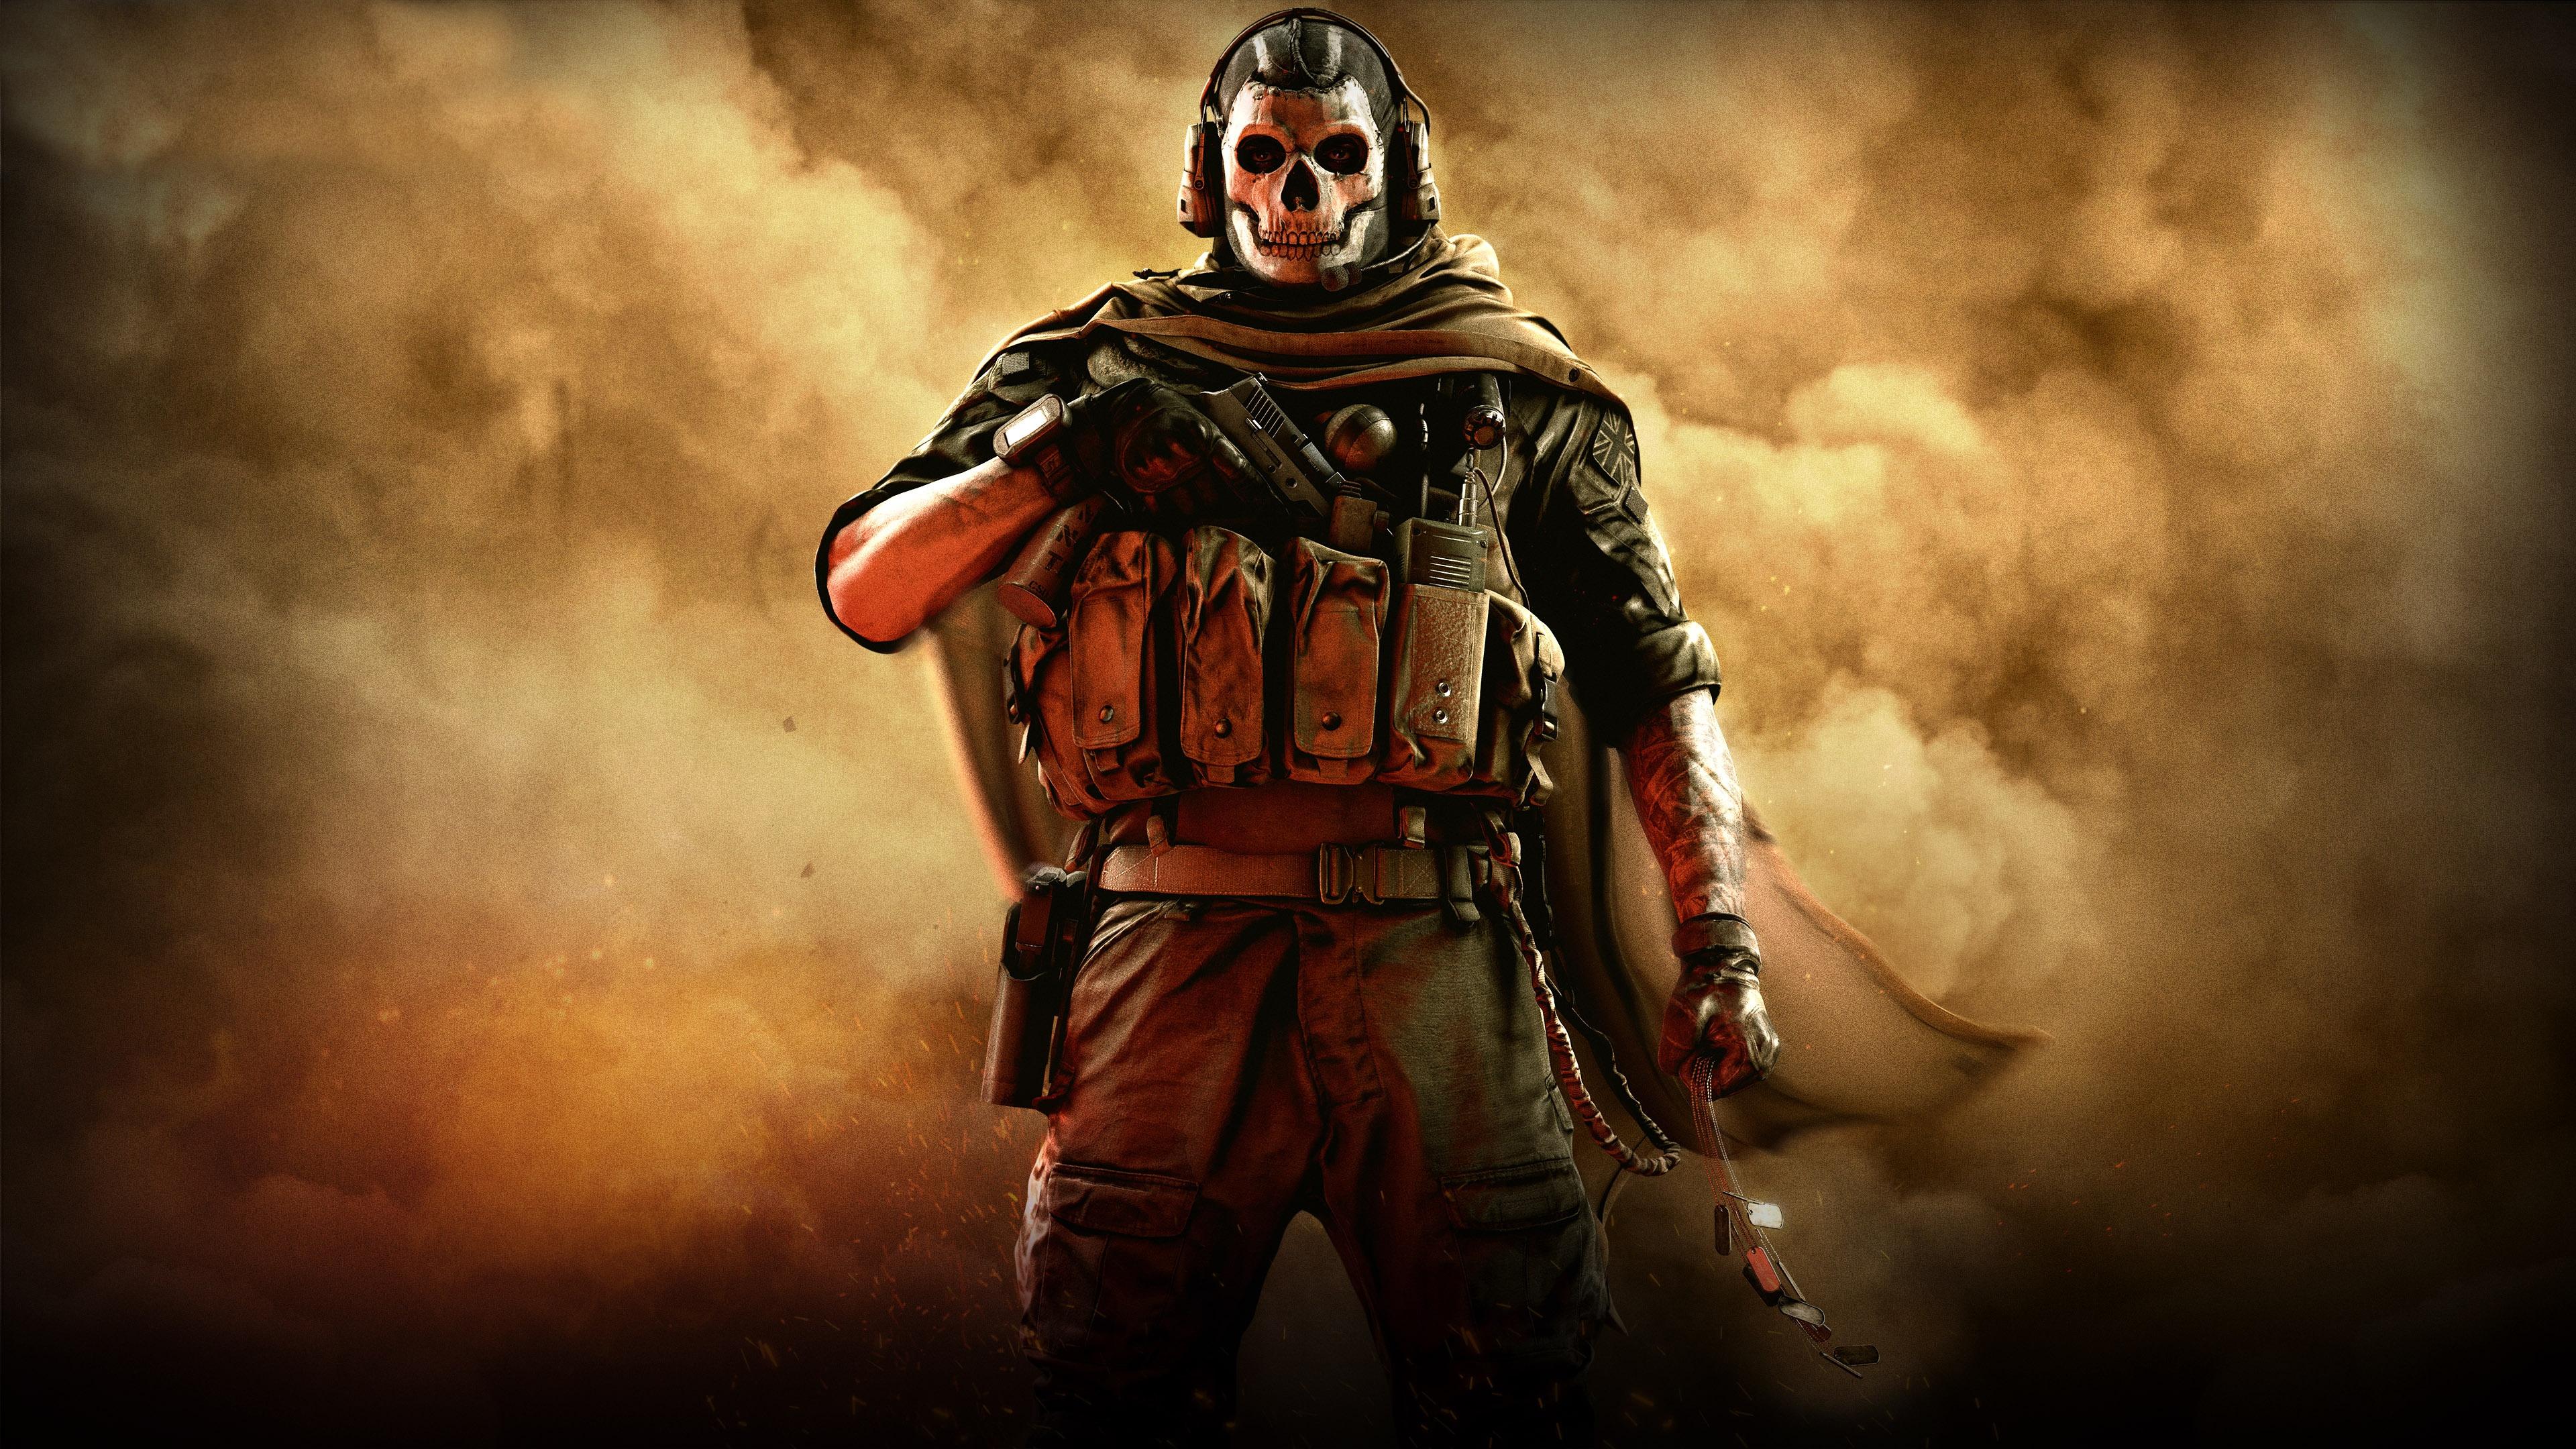 3840x2160 CoD Modern Warfare Poster 4K Wallpaper, HD Games ...